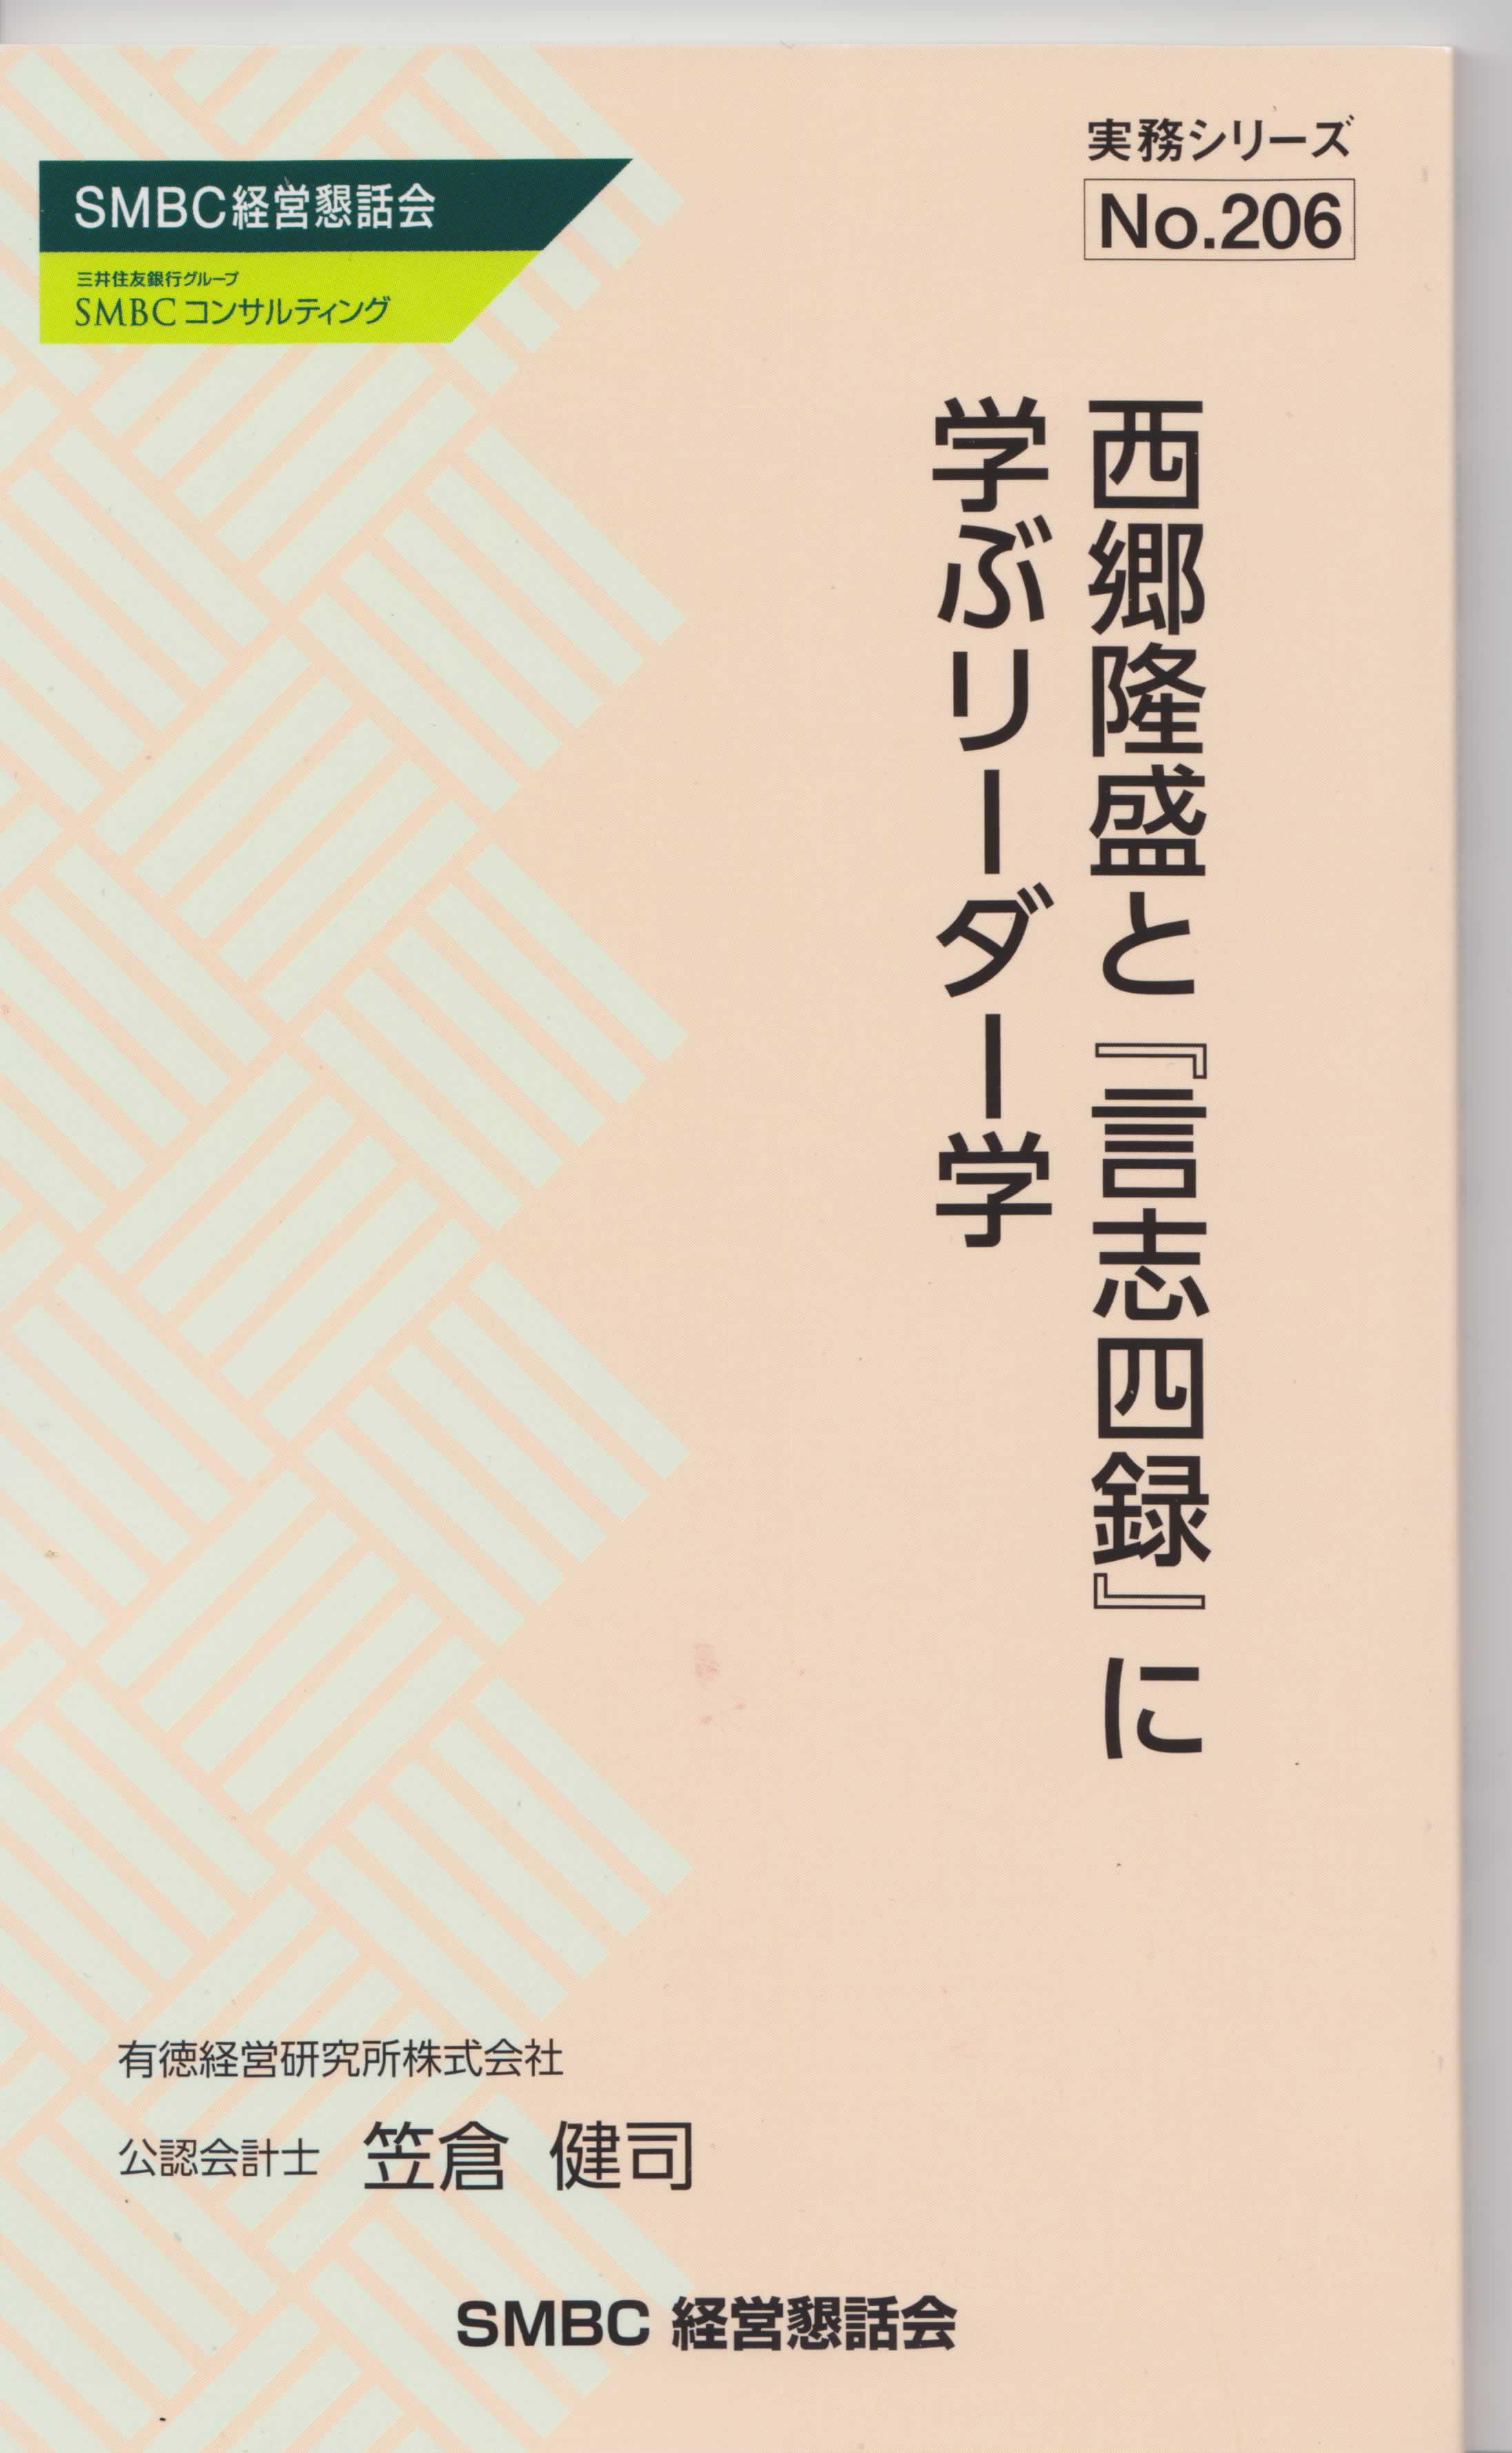 12 001sasa - 2018年5月23日禅の知恵と古典に学ぶ人間学勉強会開催しました。